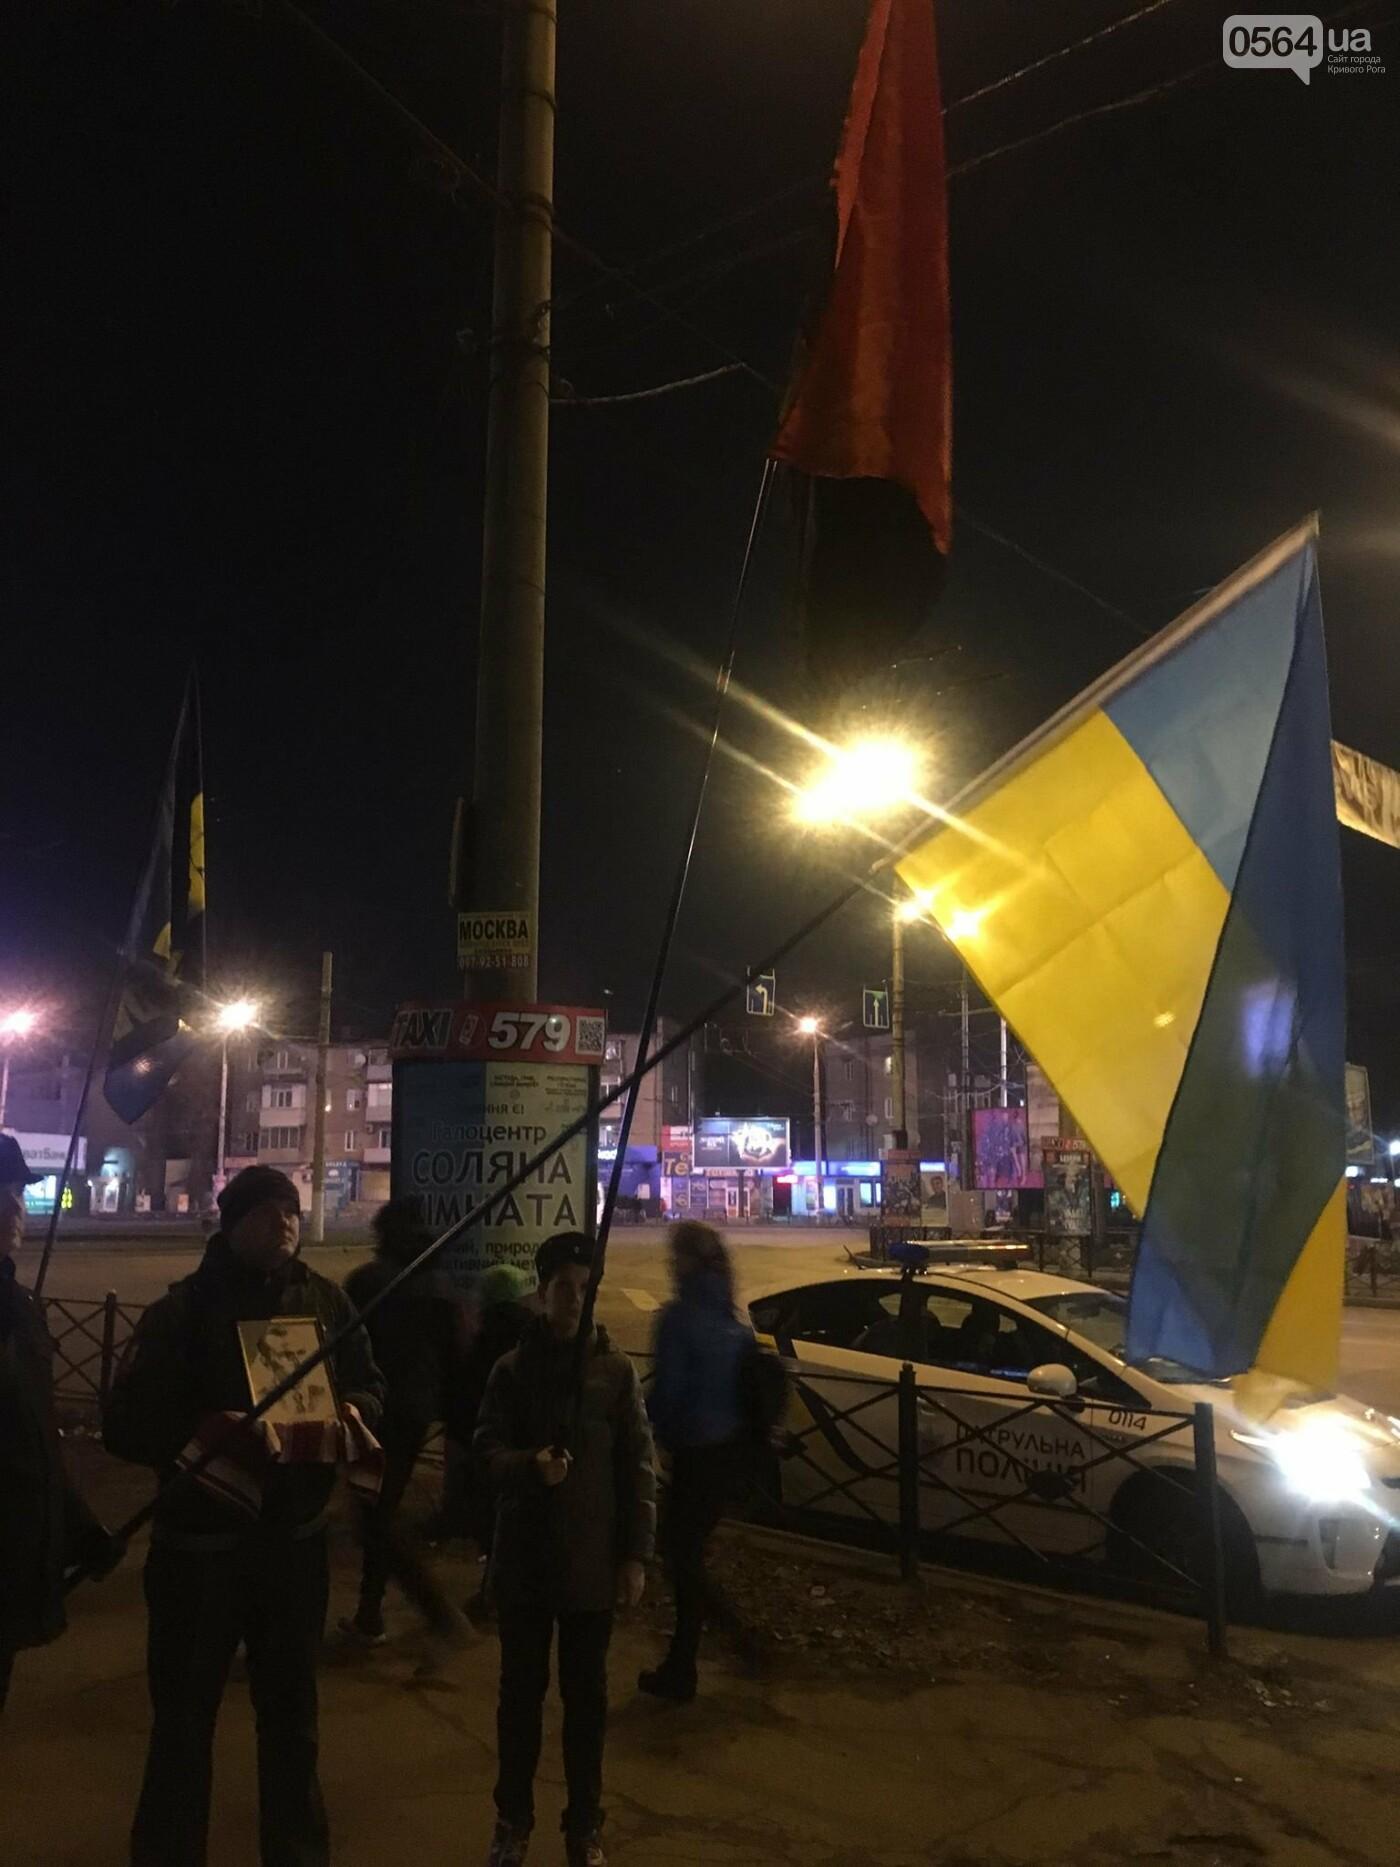 В Кривом Роге проходит Факельный марш в честь Дня рождения Степана Бандеры (ФОТО, ВИДЕО), фото-24